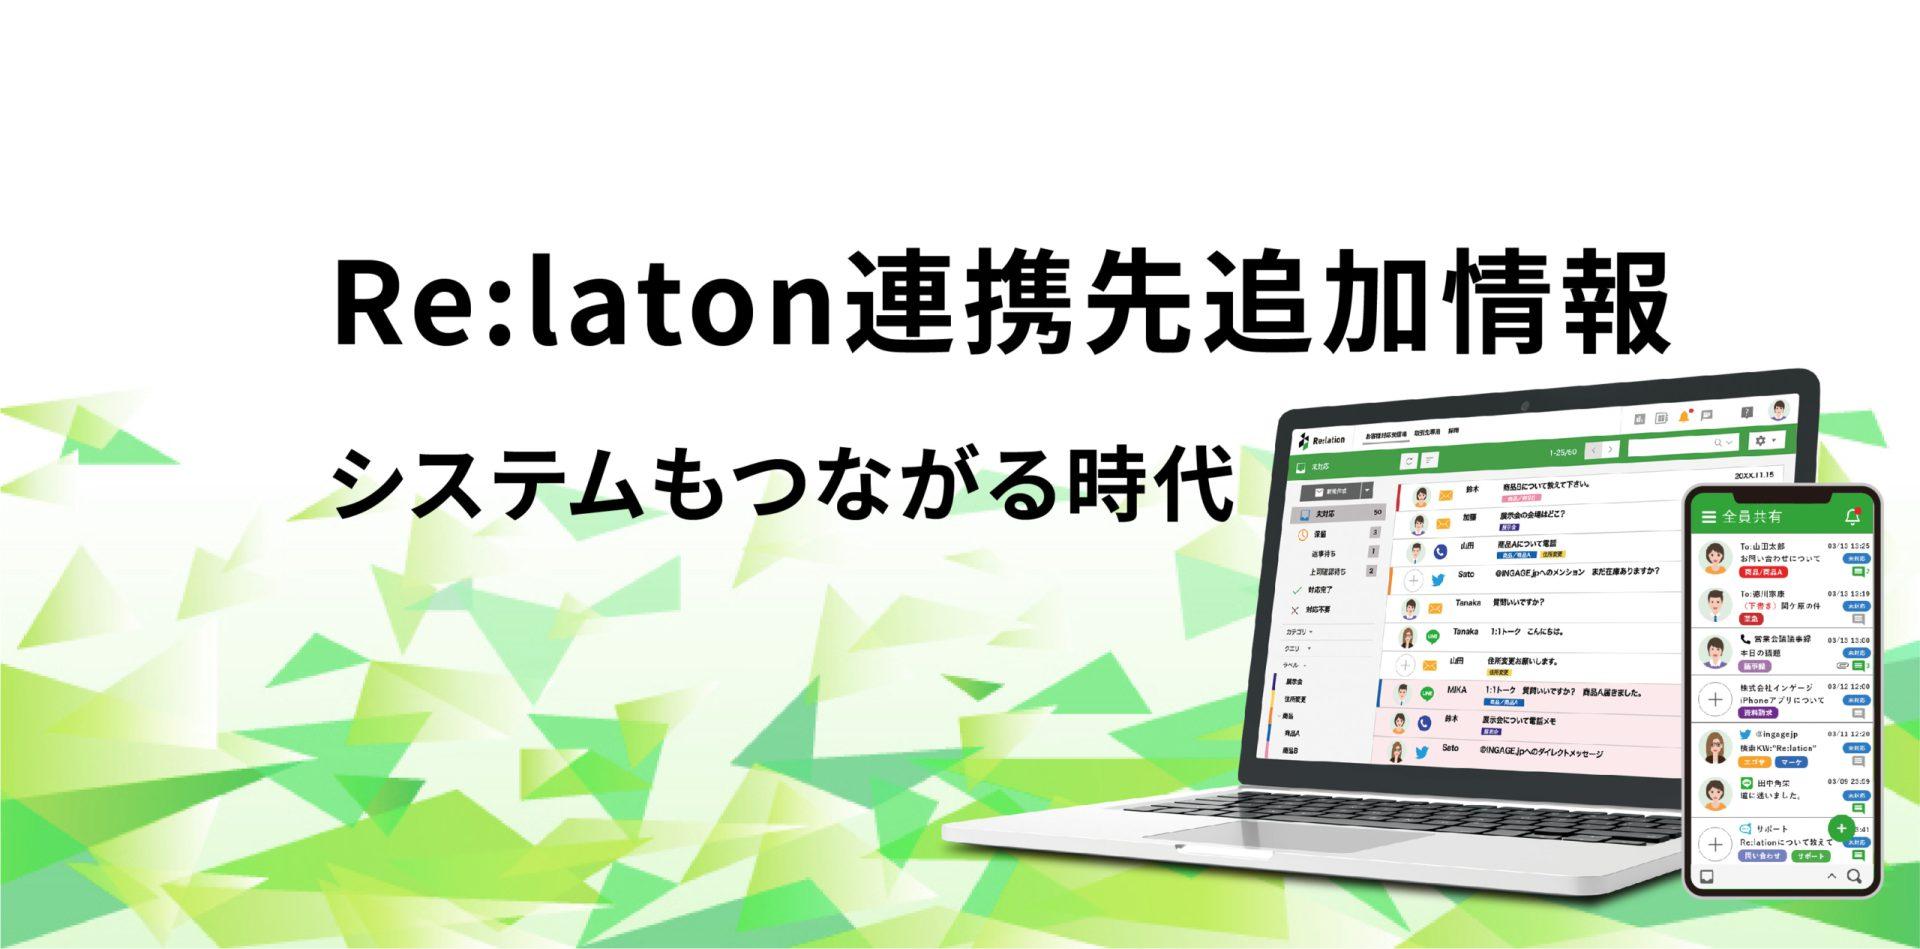 顧客対応クラウド『Re:lation(リレーション)』が受注・在庫一元管理システム『アシスト店長』及びD2C・リピート通販特化型カートシステム『楽楽リピート』と新たにアドレス帳の同期連携を開始